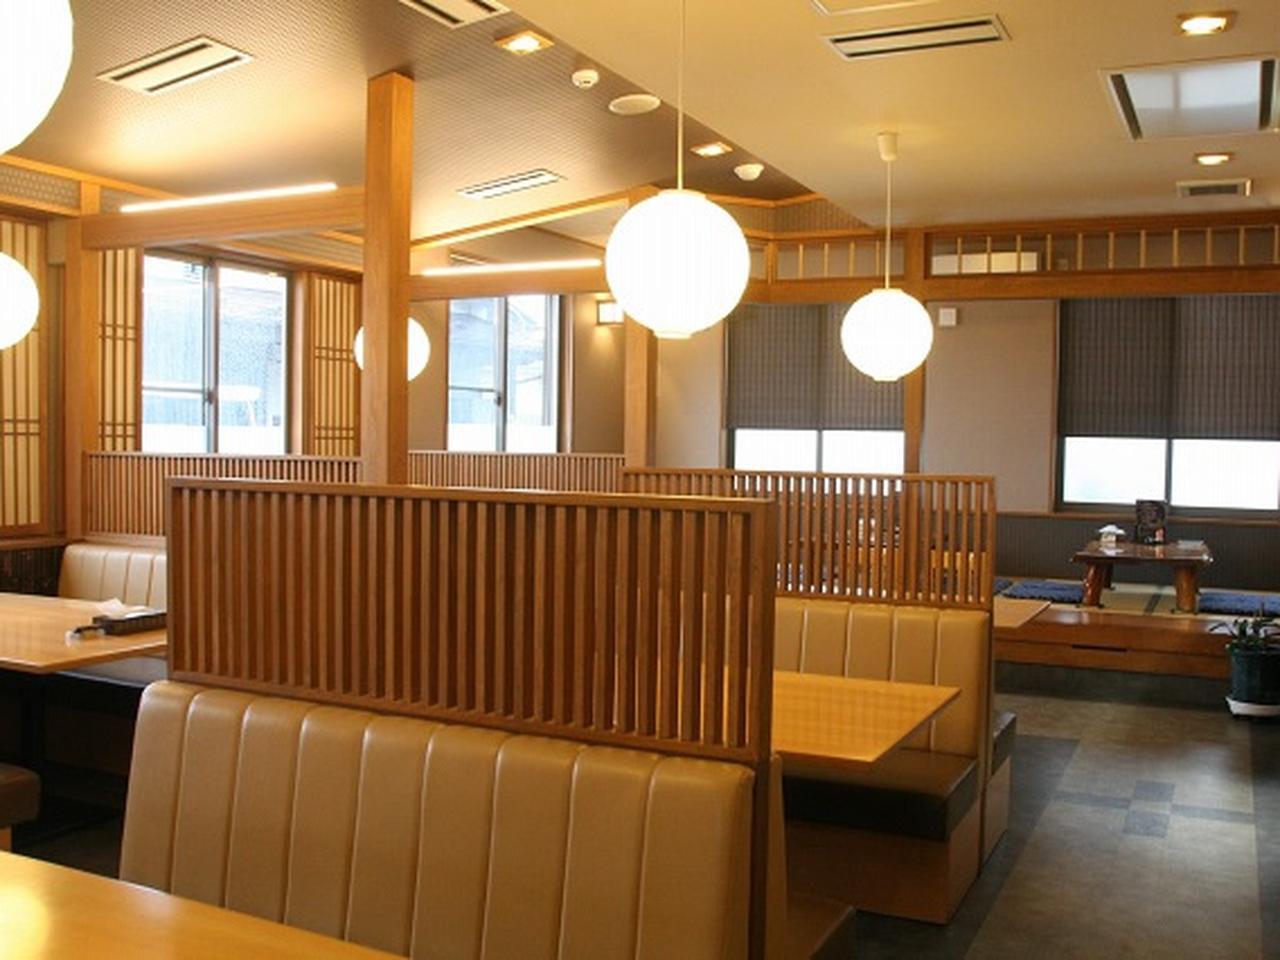 画像: 『とんかつ竜』のご主人・遠藤修さんは2代目。こちらの場所は平成元年から。震災のために再建して、3年くらいだとか。